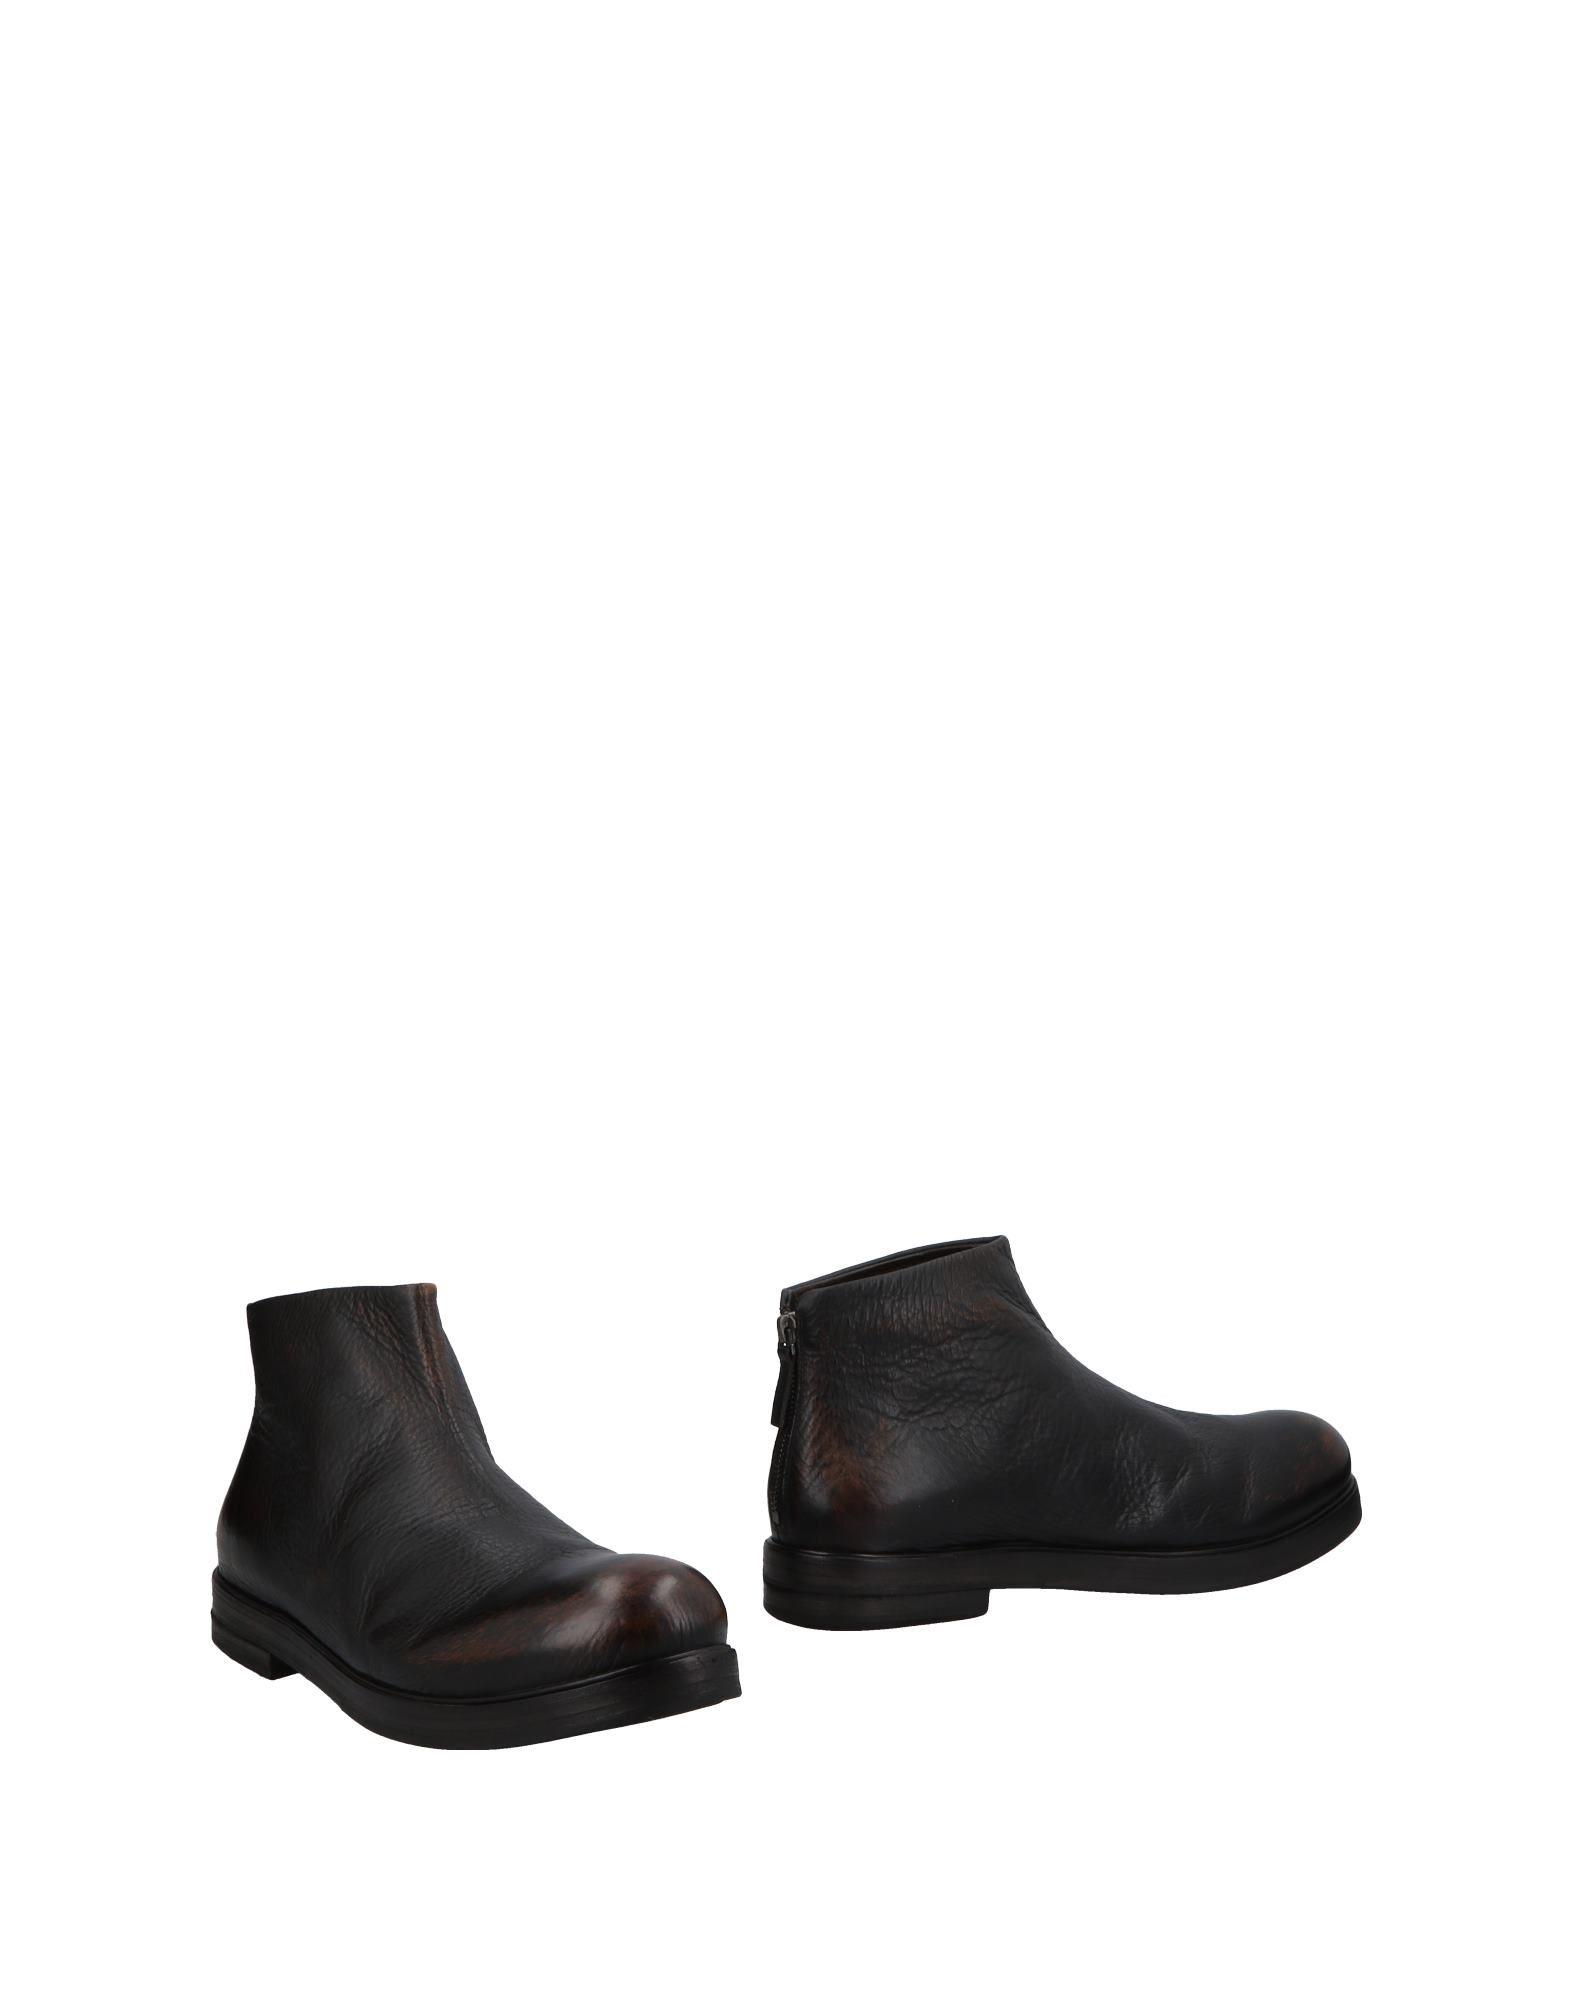 Marsèll Stiefelette Herren  11486194PU Gute Qualität beliebte Schuhe